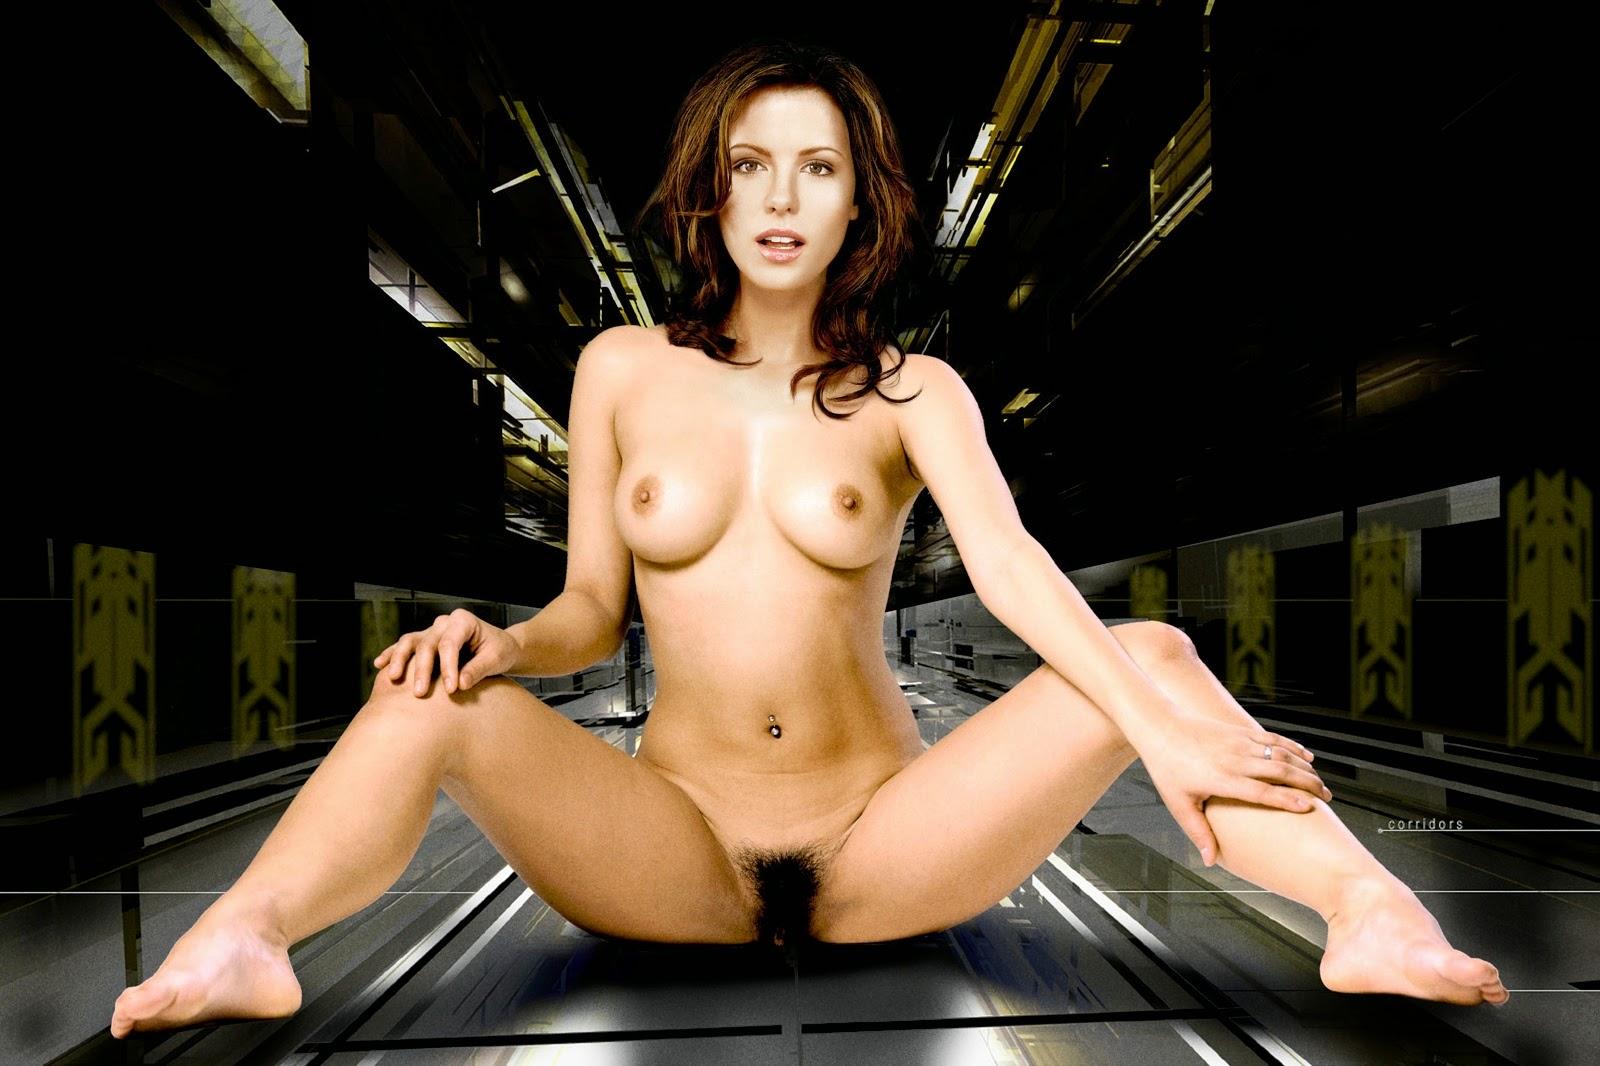 Submissive bdsm bondage tgp whip